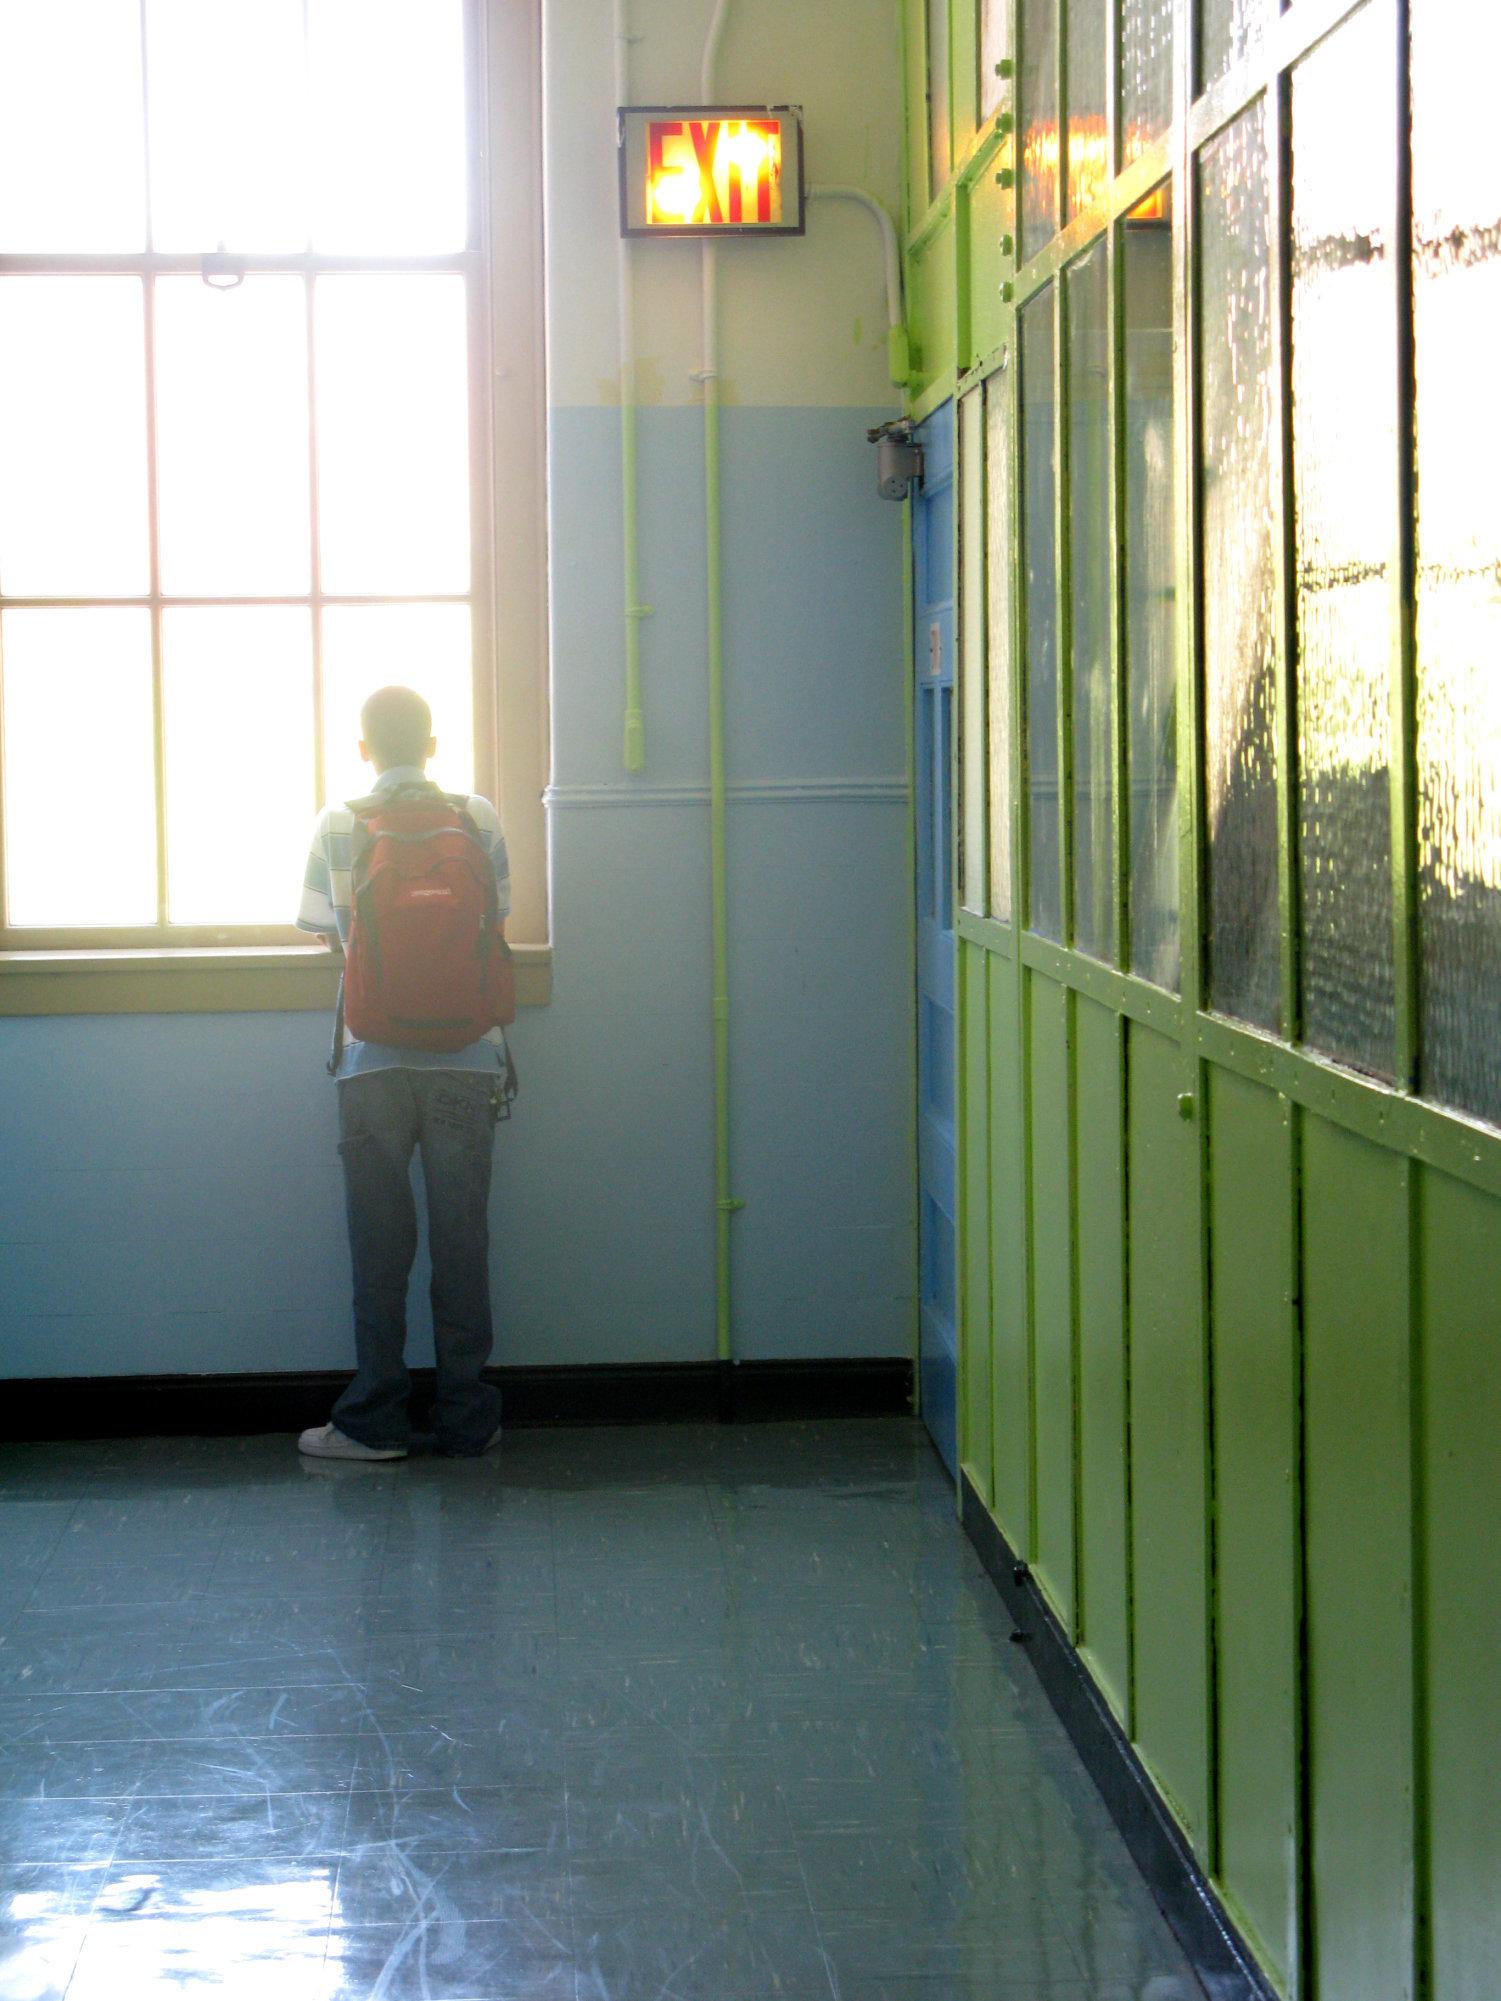 England: Schule zwingt 7-Jährigen, Pausen alleine zu verbringen –wegen seiner Frisur